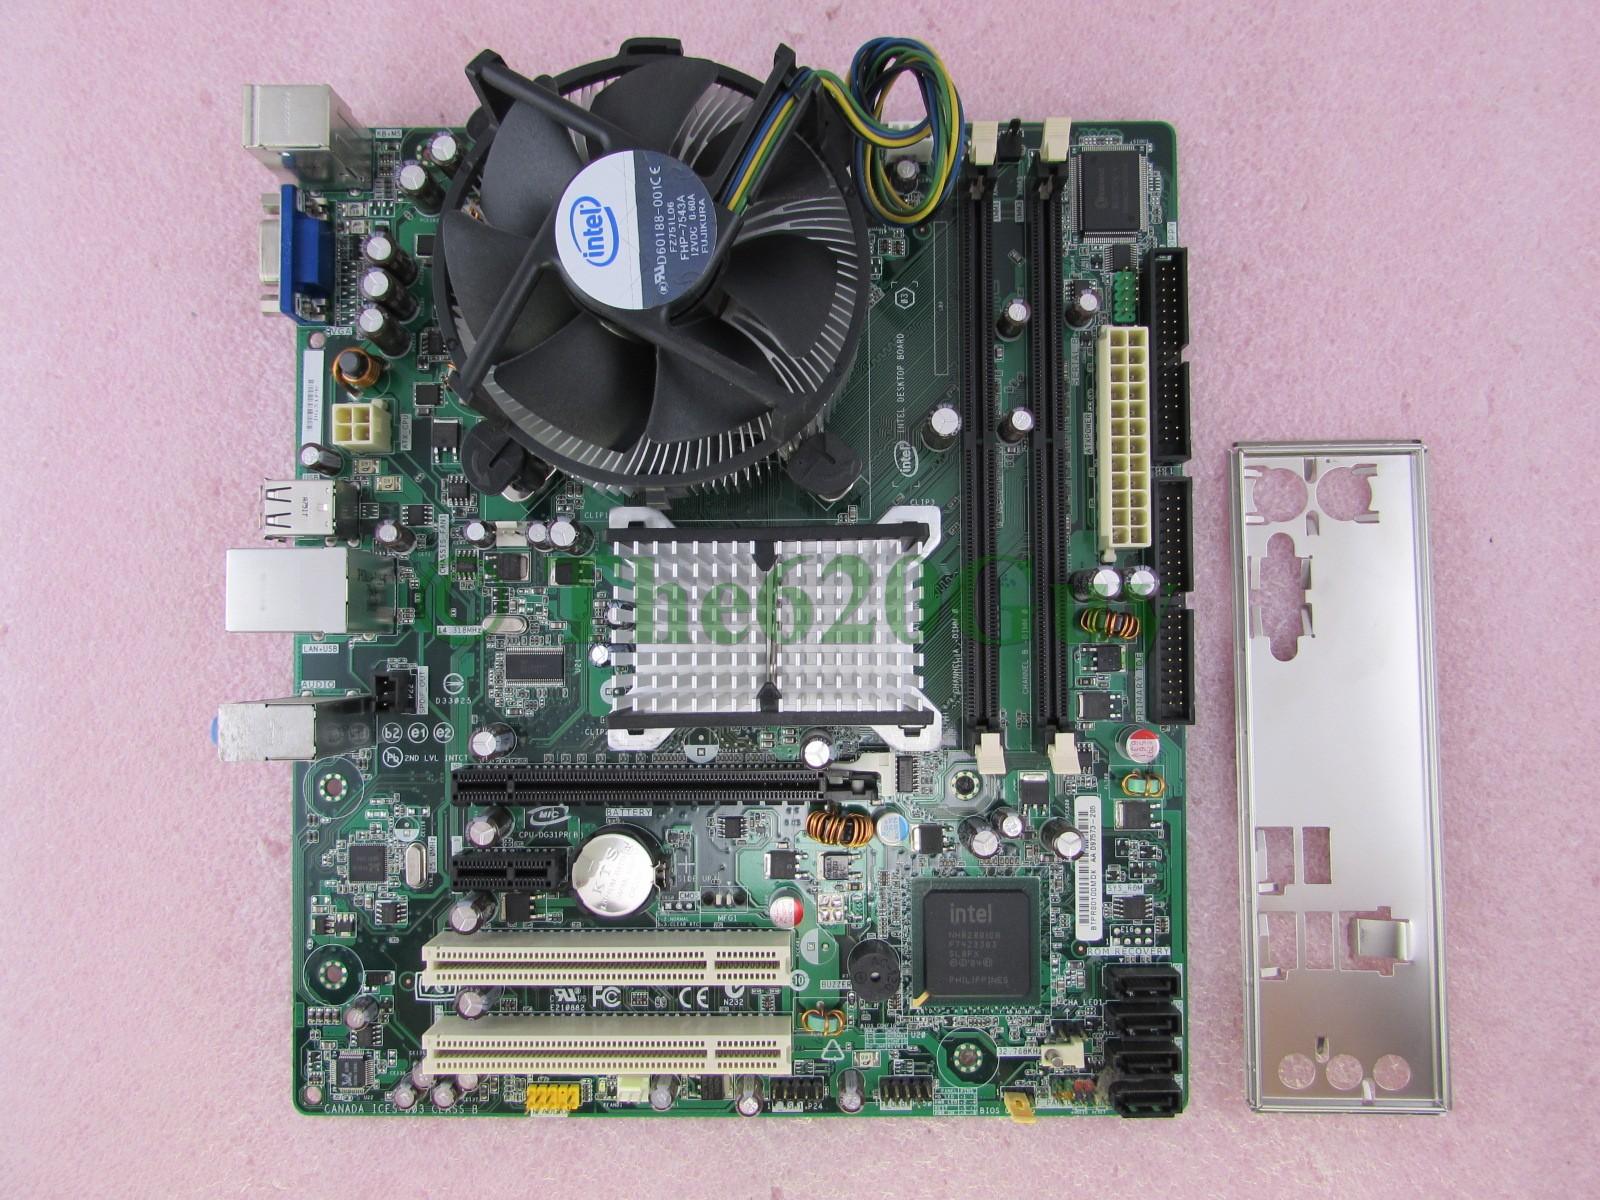 Intel Dg31pr Ethernet Driver Download